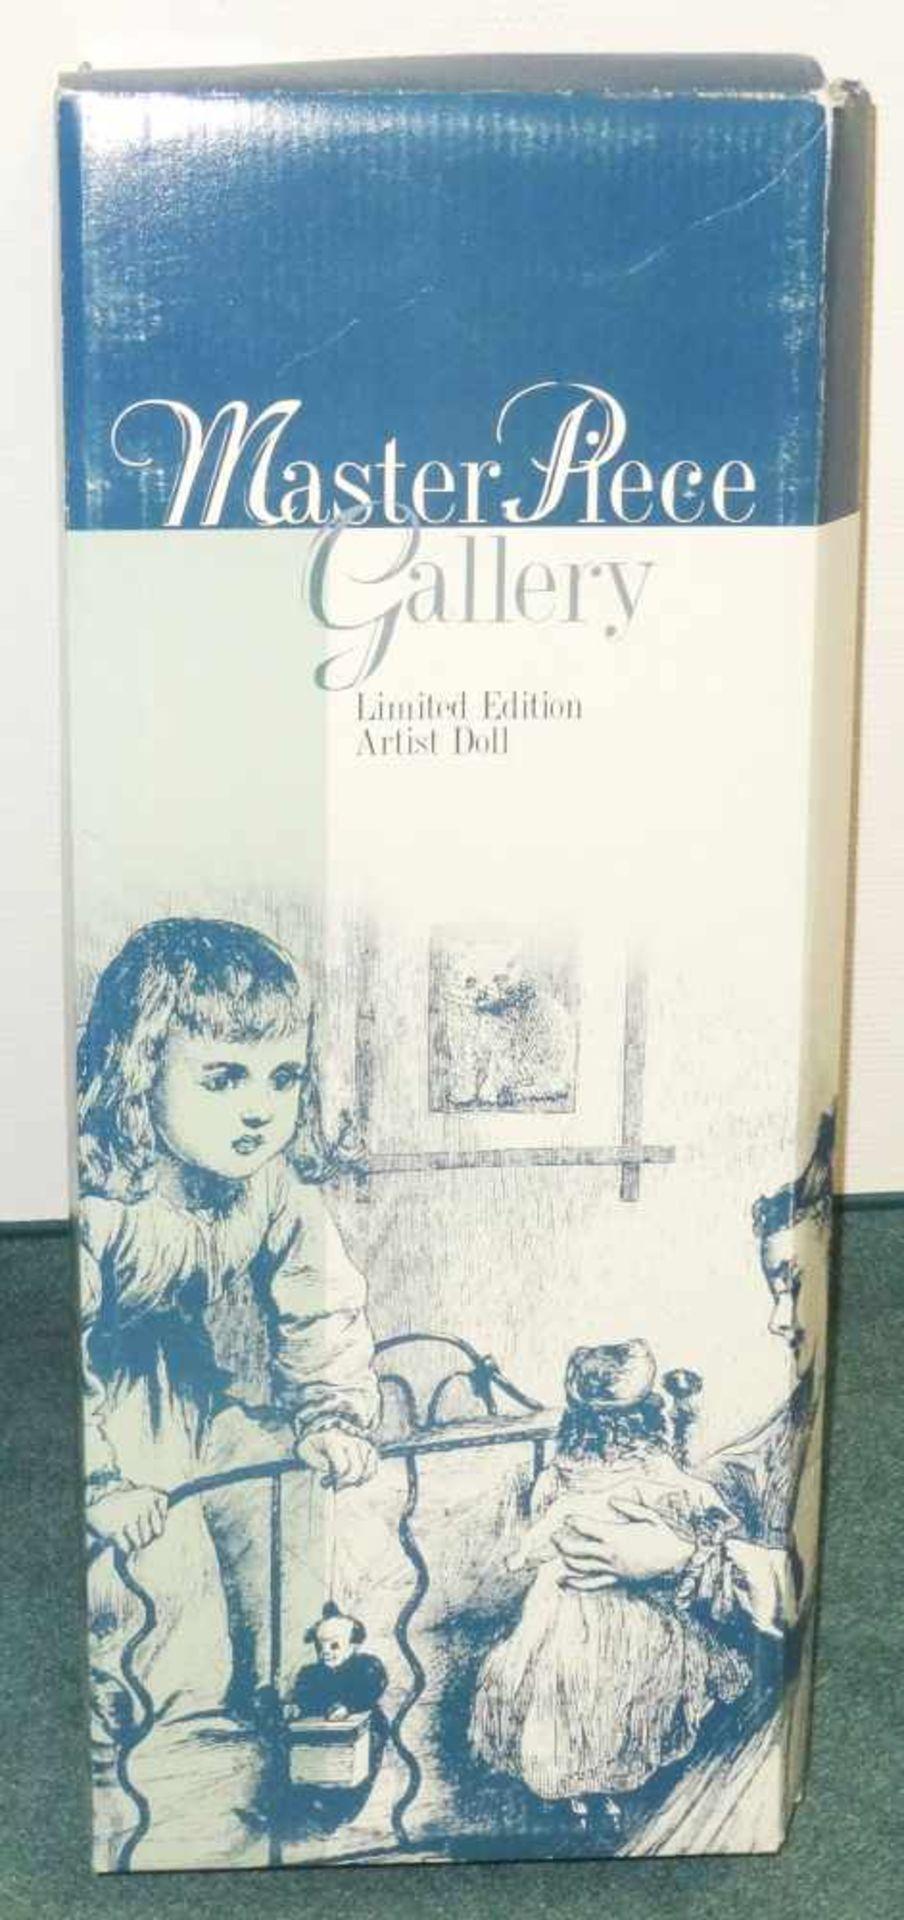 Los 3 - Sammlerpuppe ltd. Edition - Nina- in Freizeitbekleidung mit kleiner Puppe, Artist Doll Linda